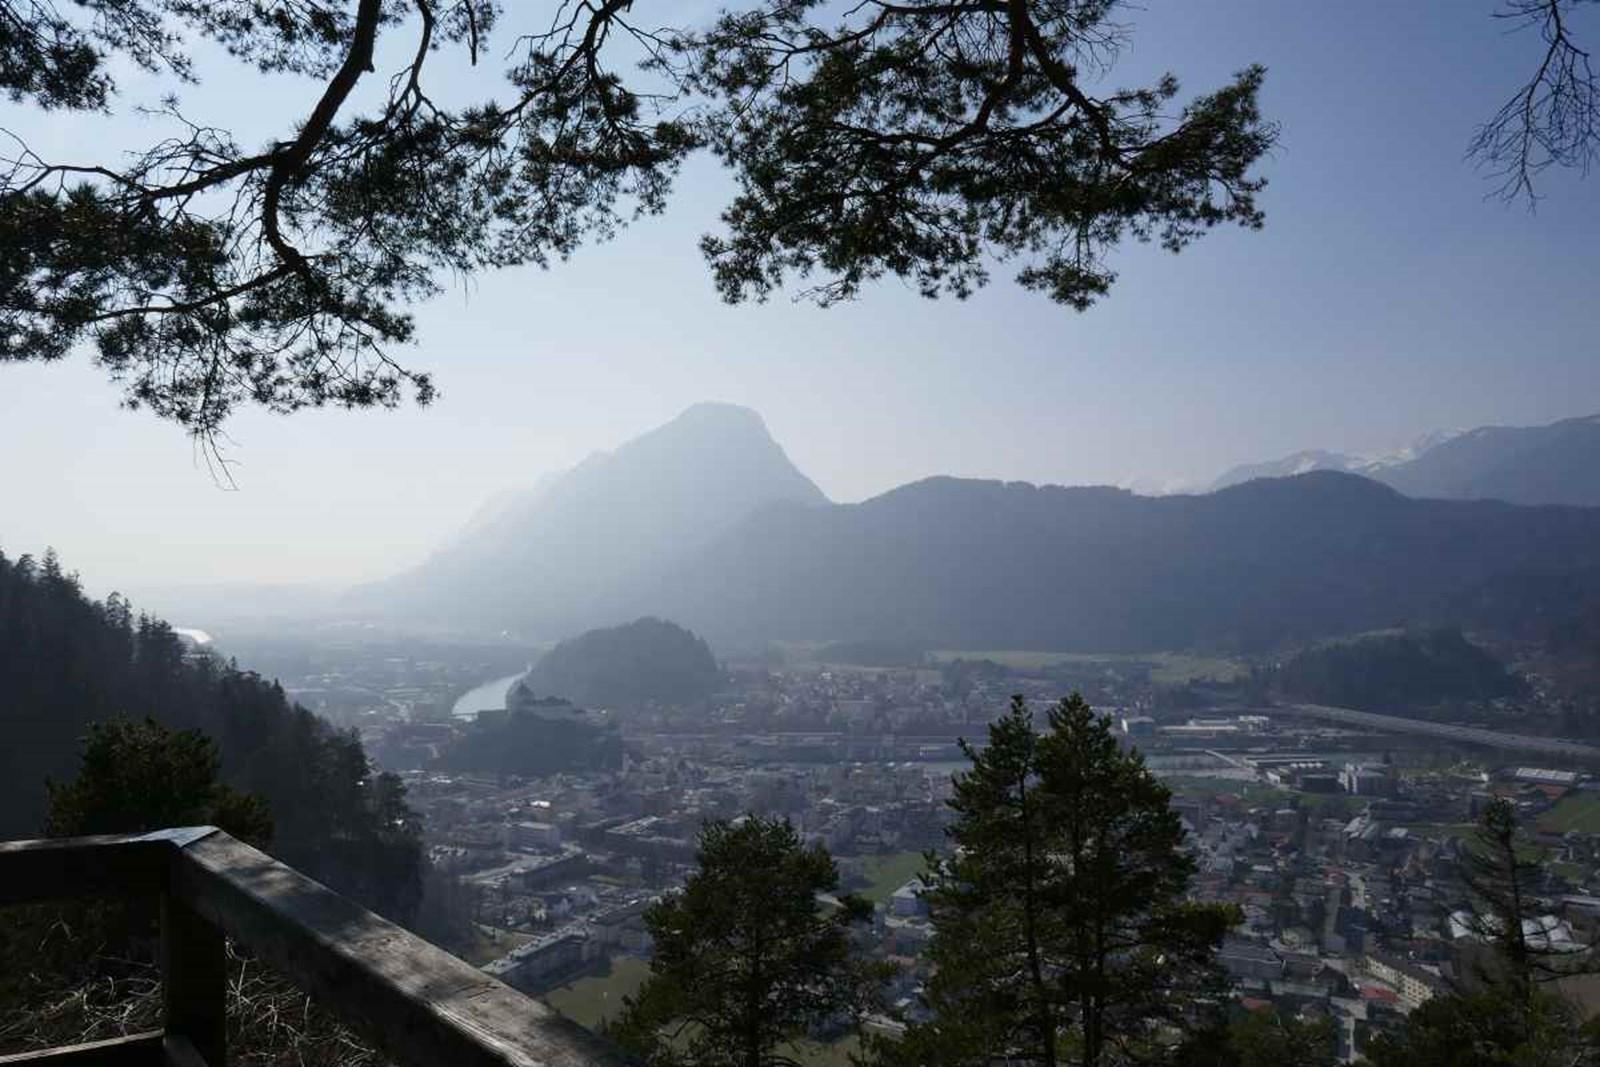 Stadt-Land-Flusswanderung in und um Kufstein